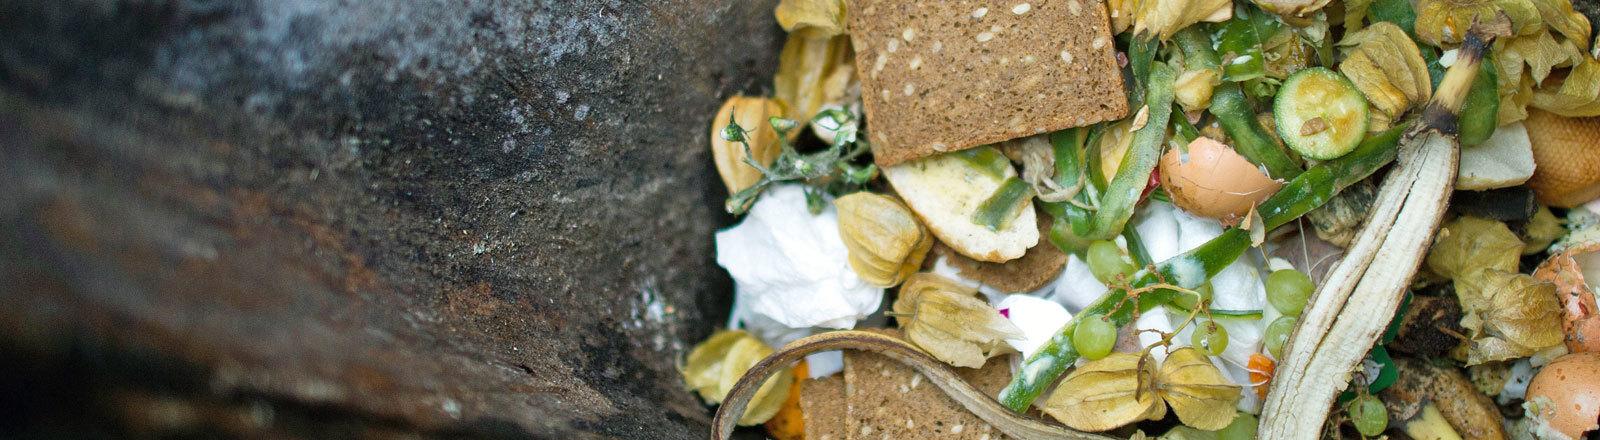 Lebensmittel, die im Müll landen